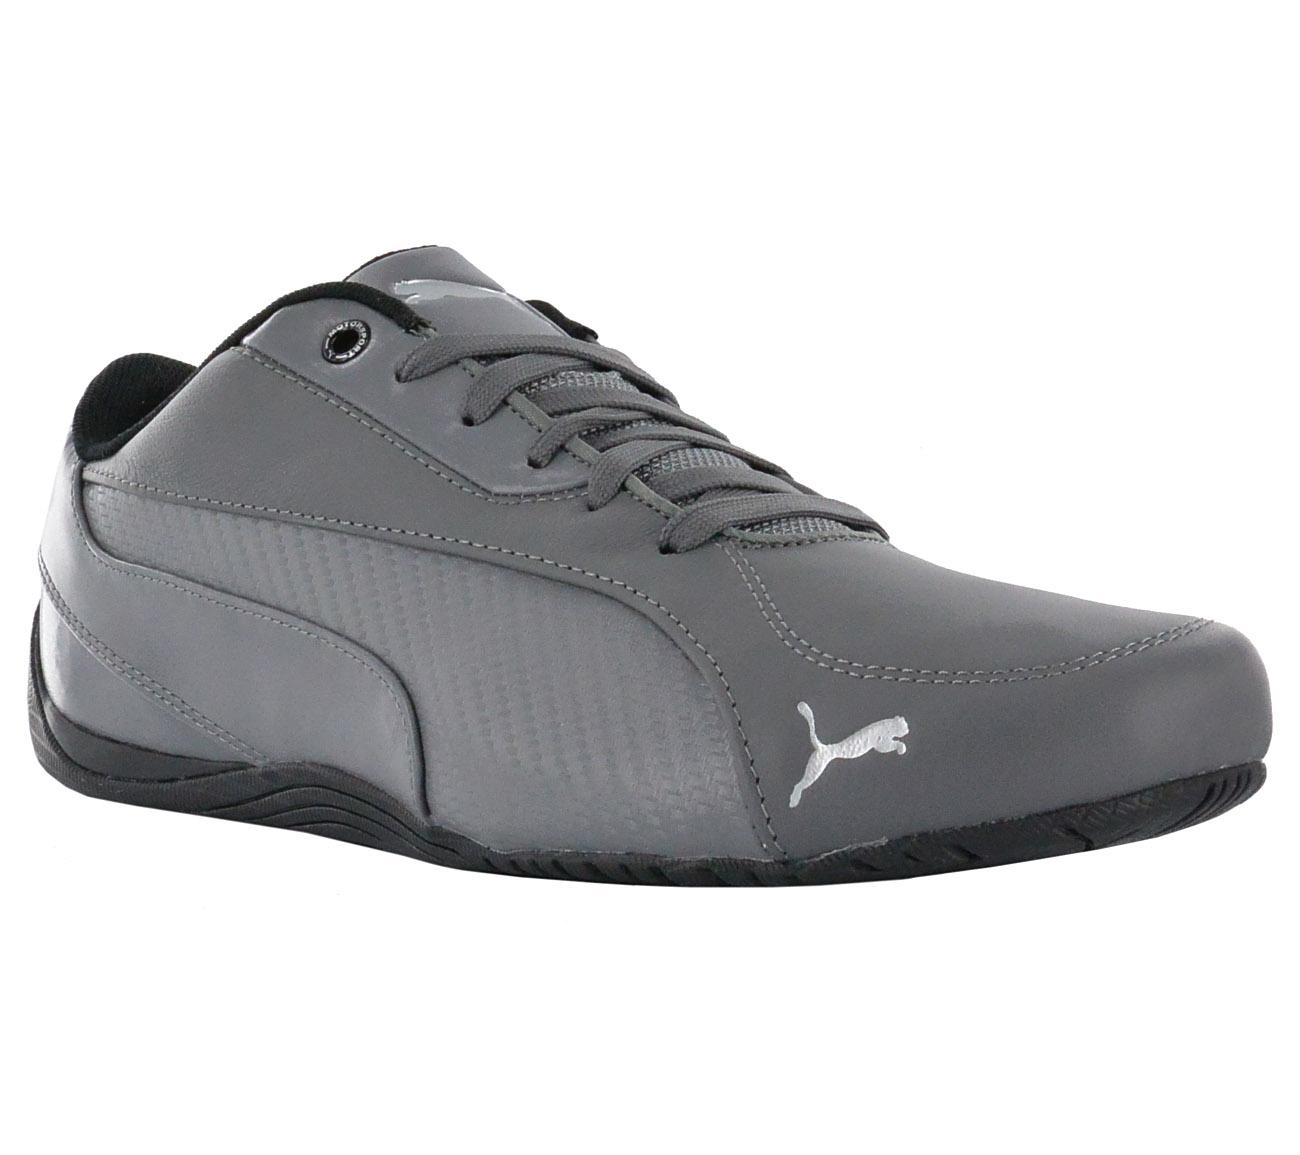 0ce1a31dd5f Puma Drift Cat 5 Carbon Sneaker Men s Leather Shoes Zapatillas ...